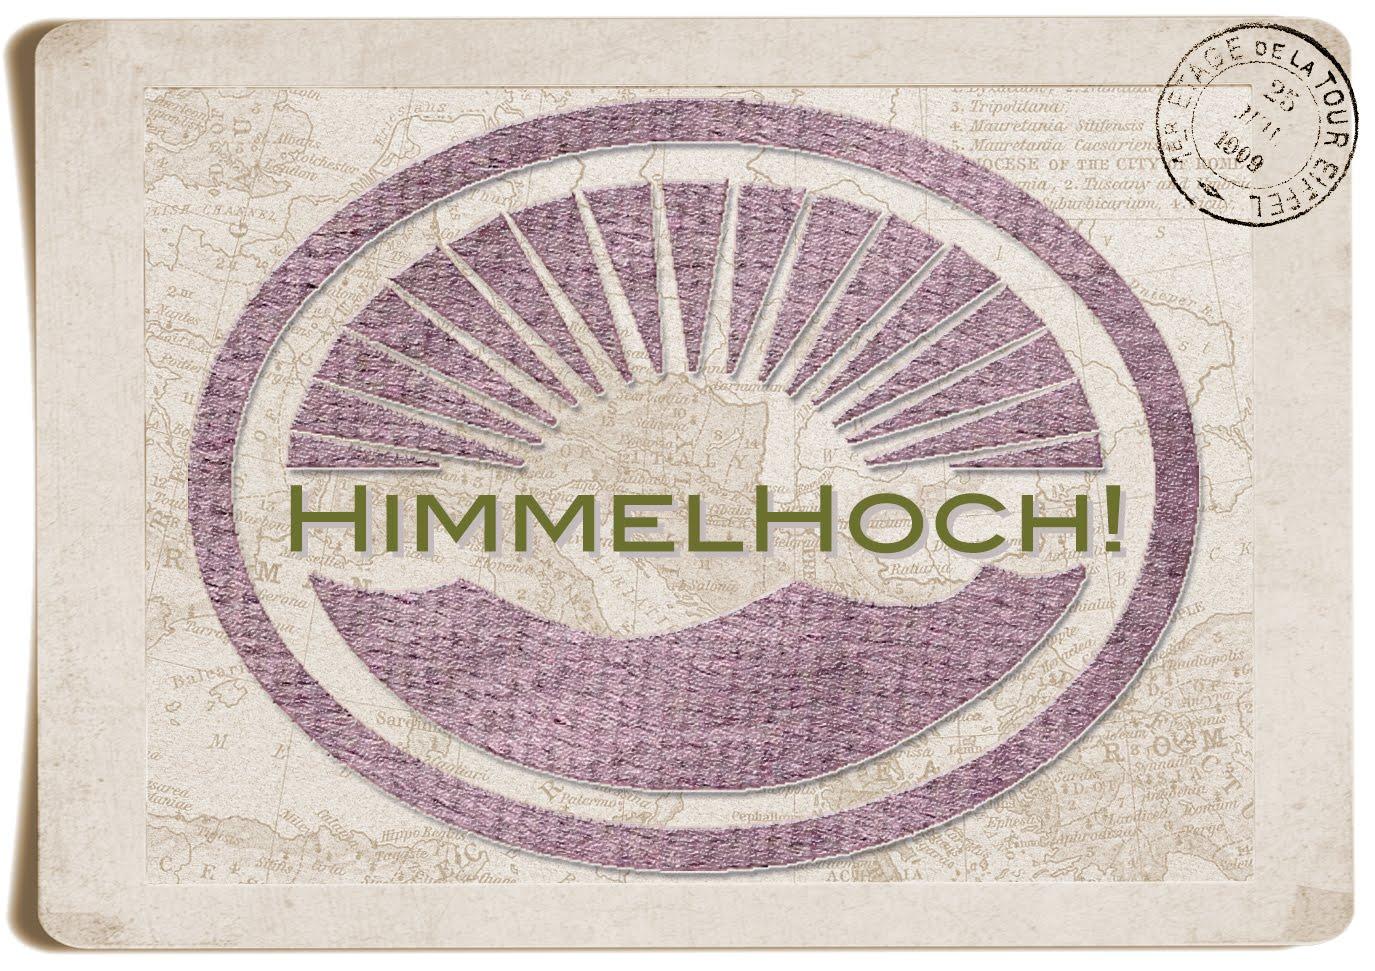 HimmelHoch!